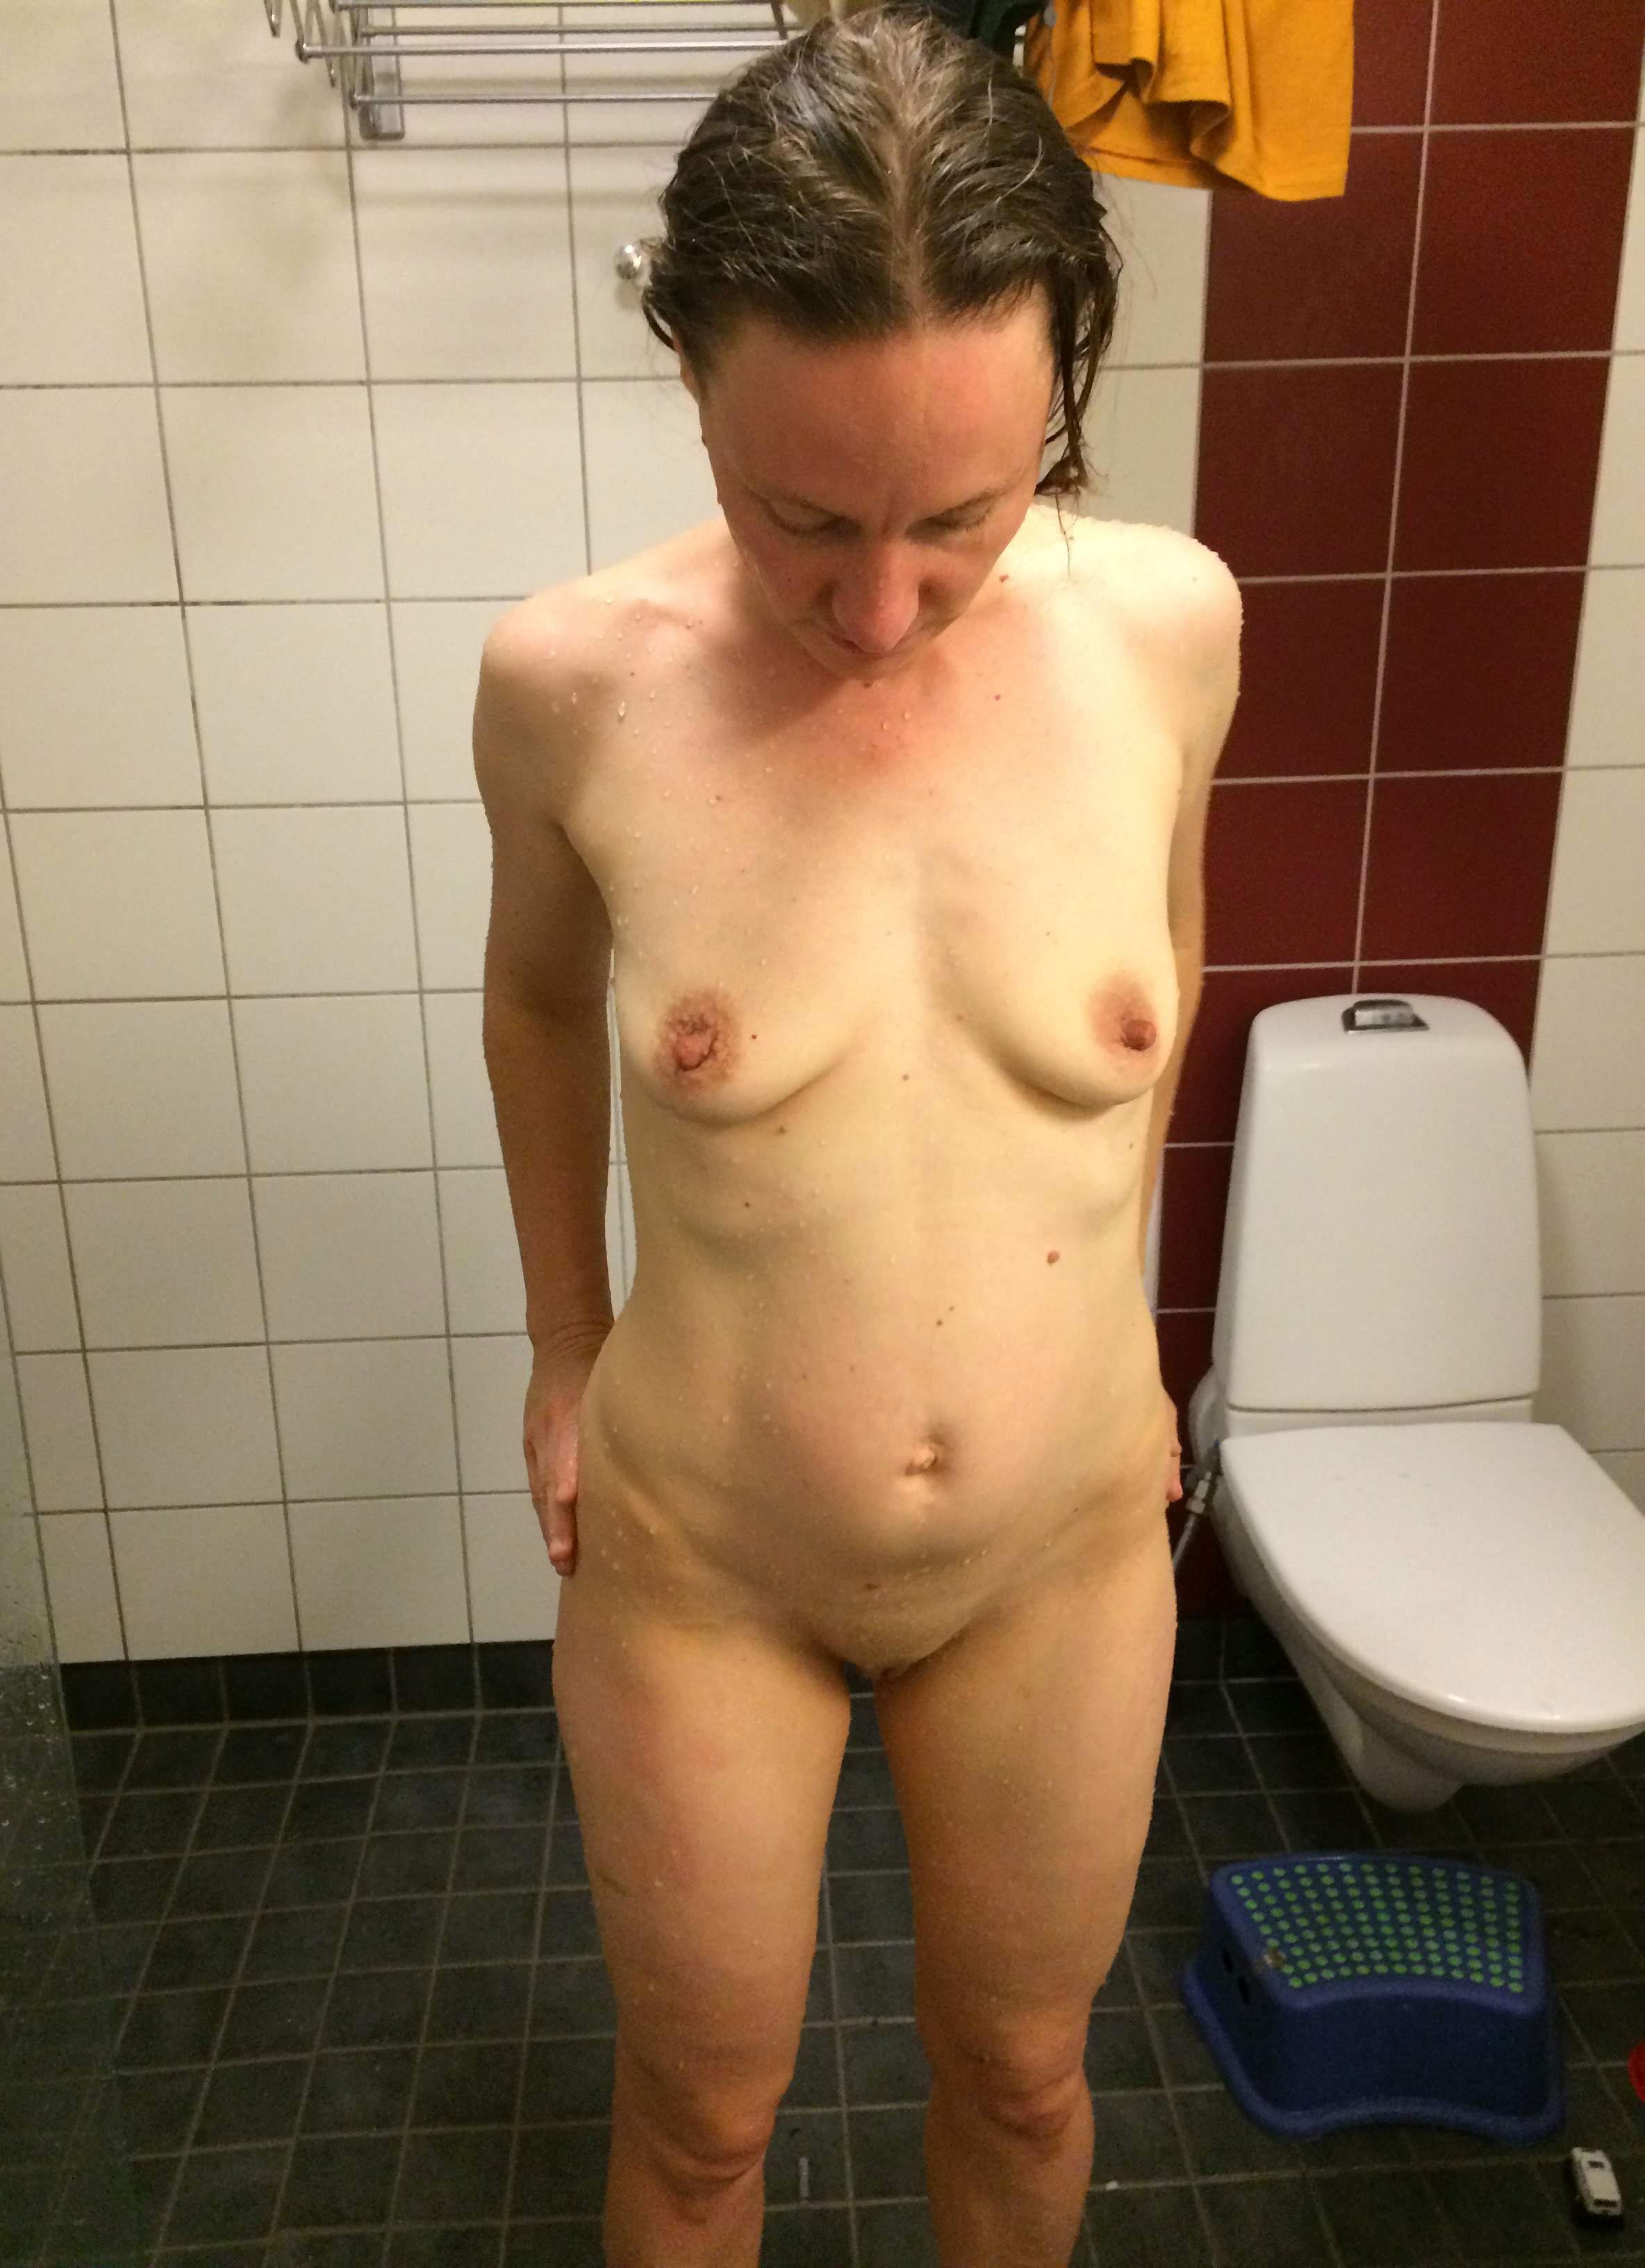 34 c cup tits